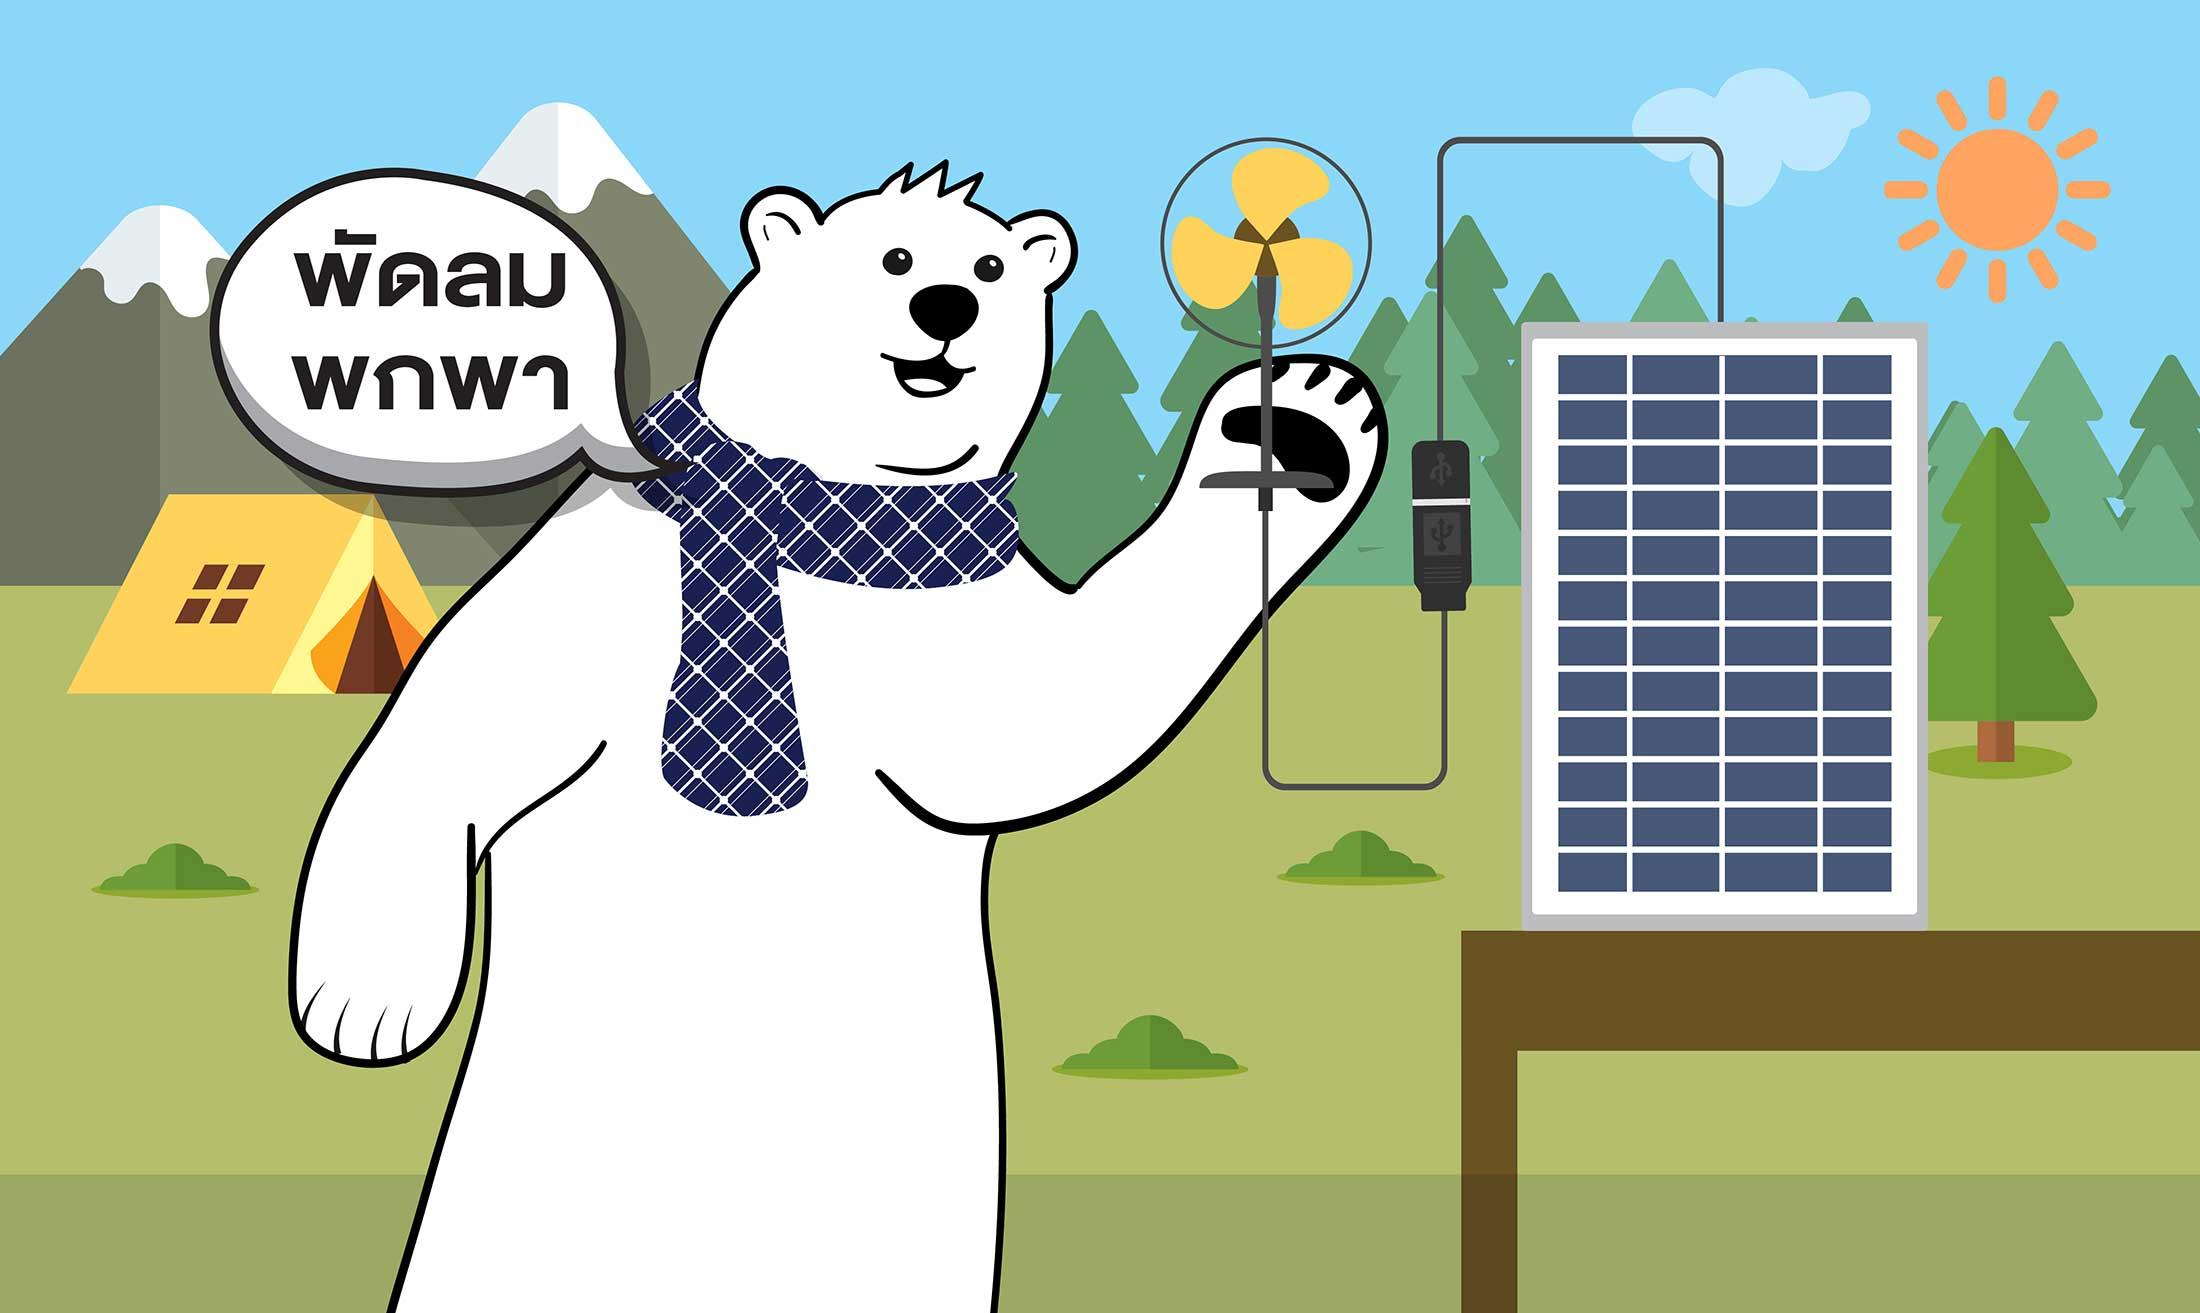 แผงโซล่าเซลล์พกพา-USB-ชาร์จพัดลมได้-โดยพี่หมีโซล่าเซลล์